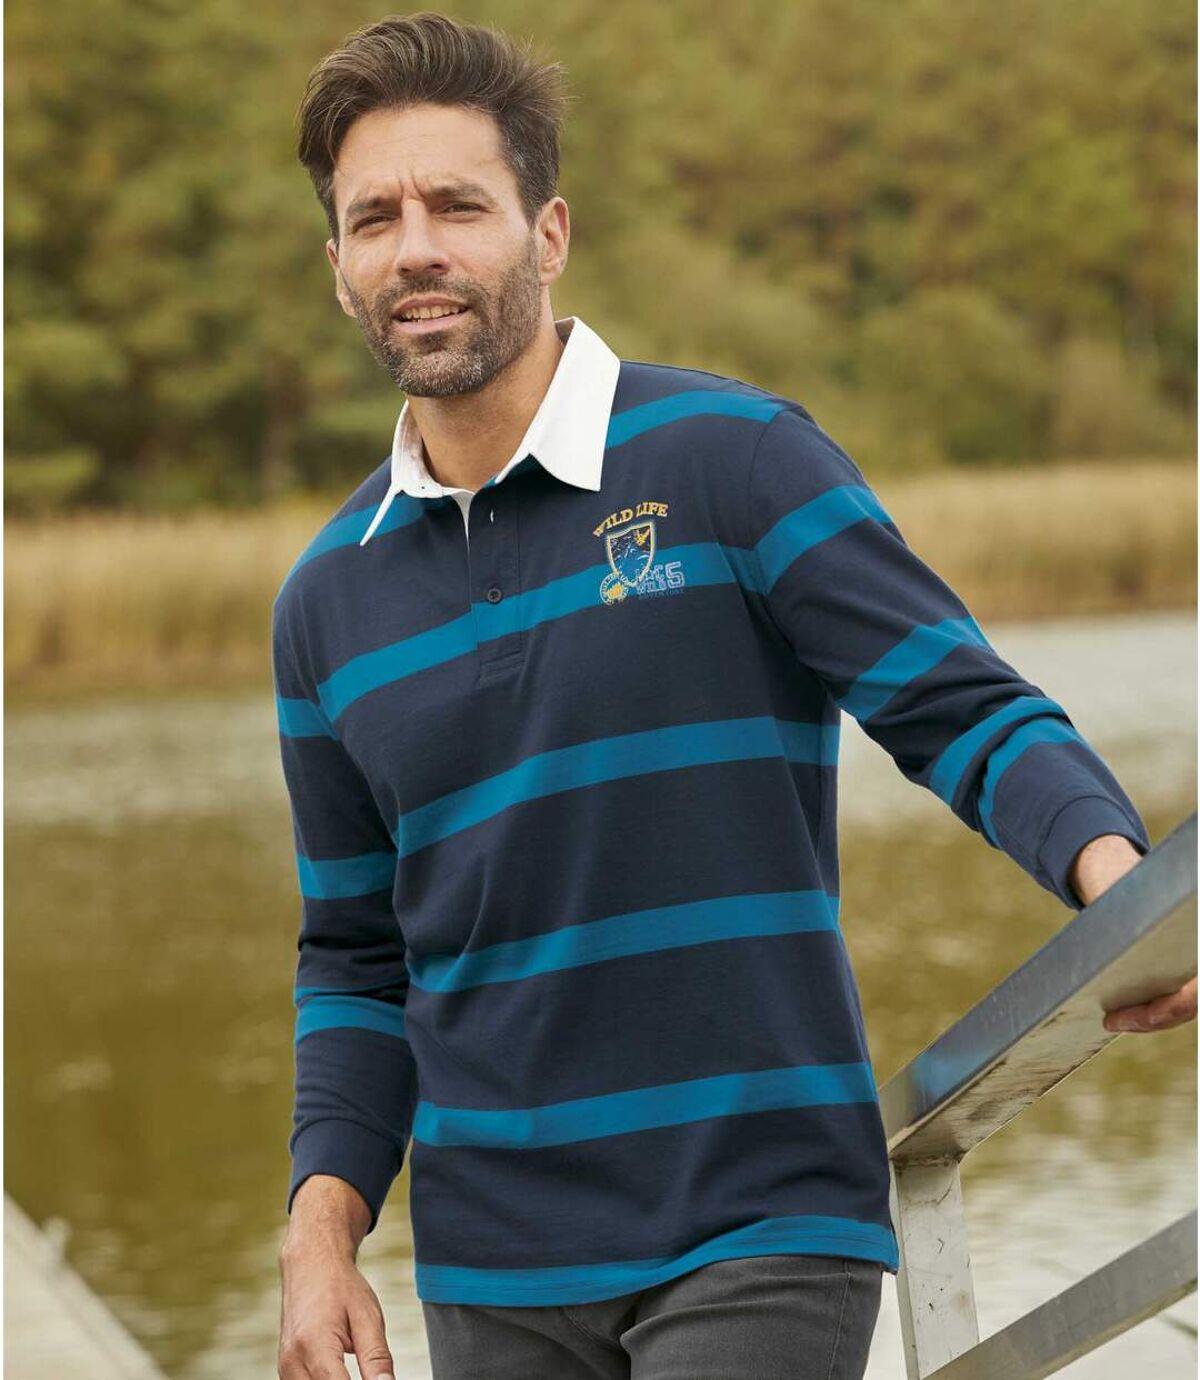 Men's Striped Long-Sleeved Polo Shirt - Navy Blue Atlas For Men